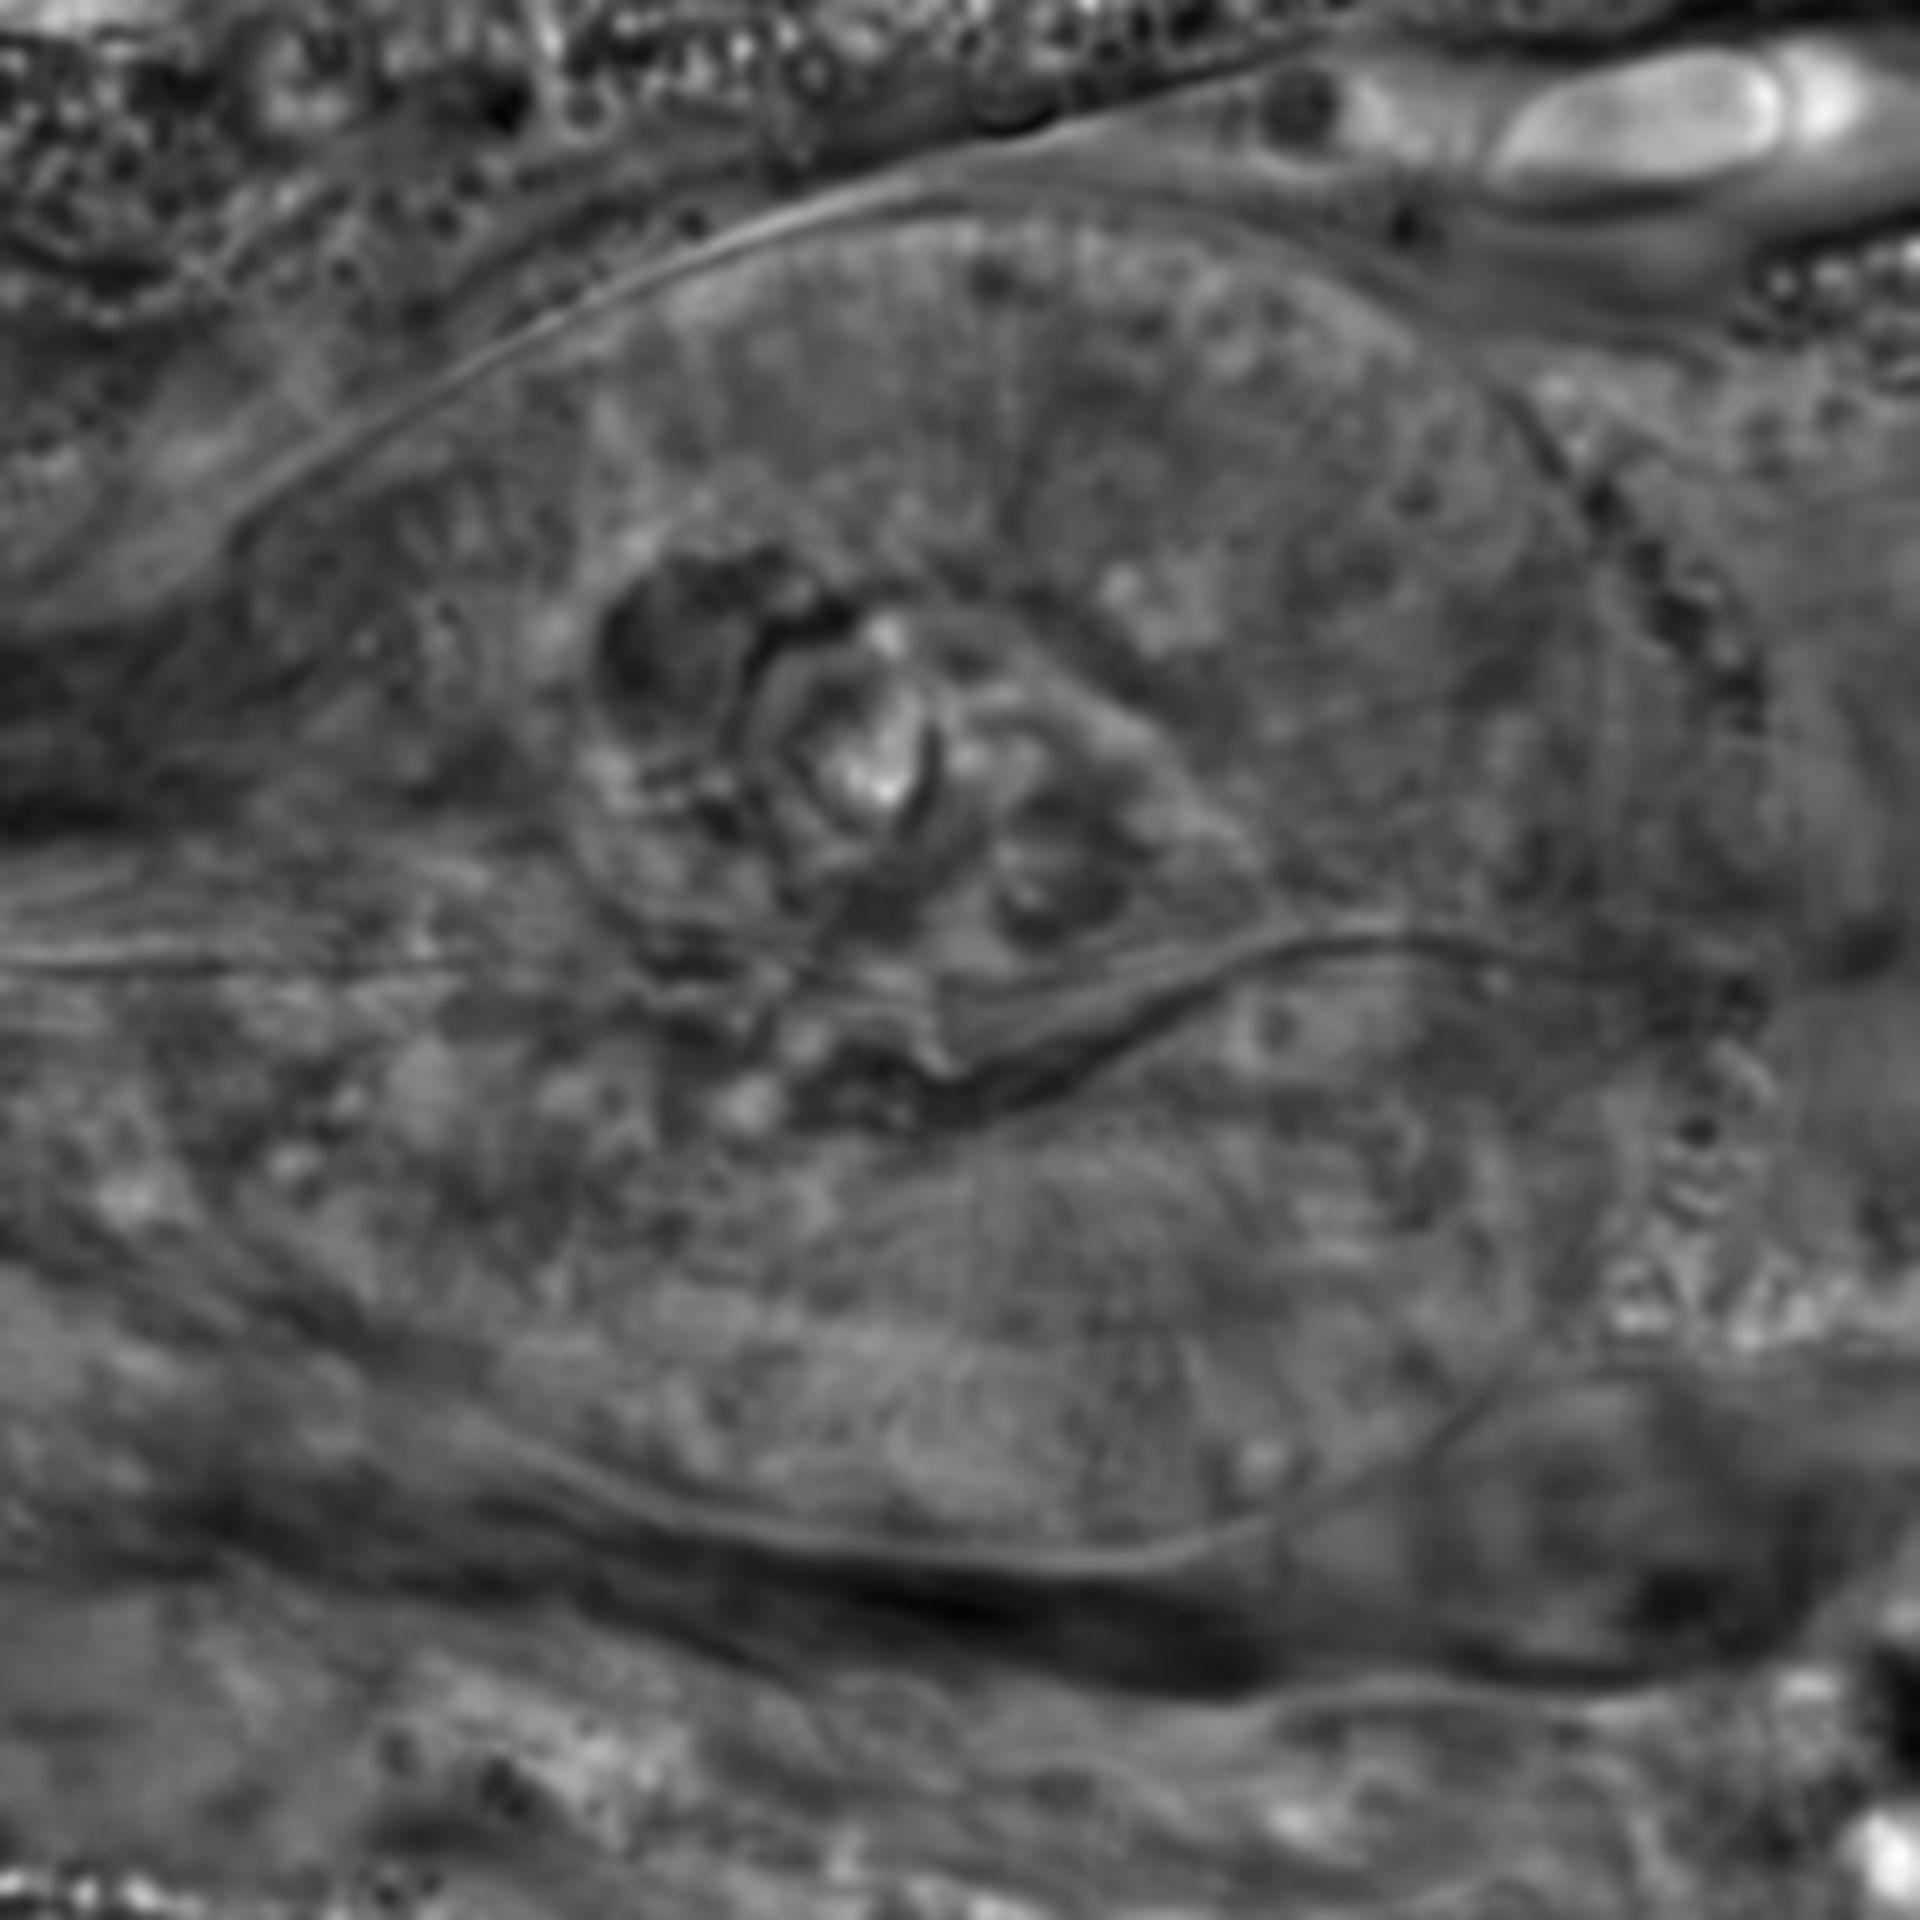 Caenorhabditis elegans - CIL:2215